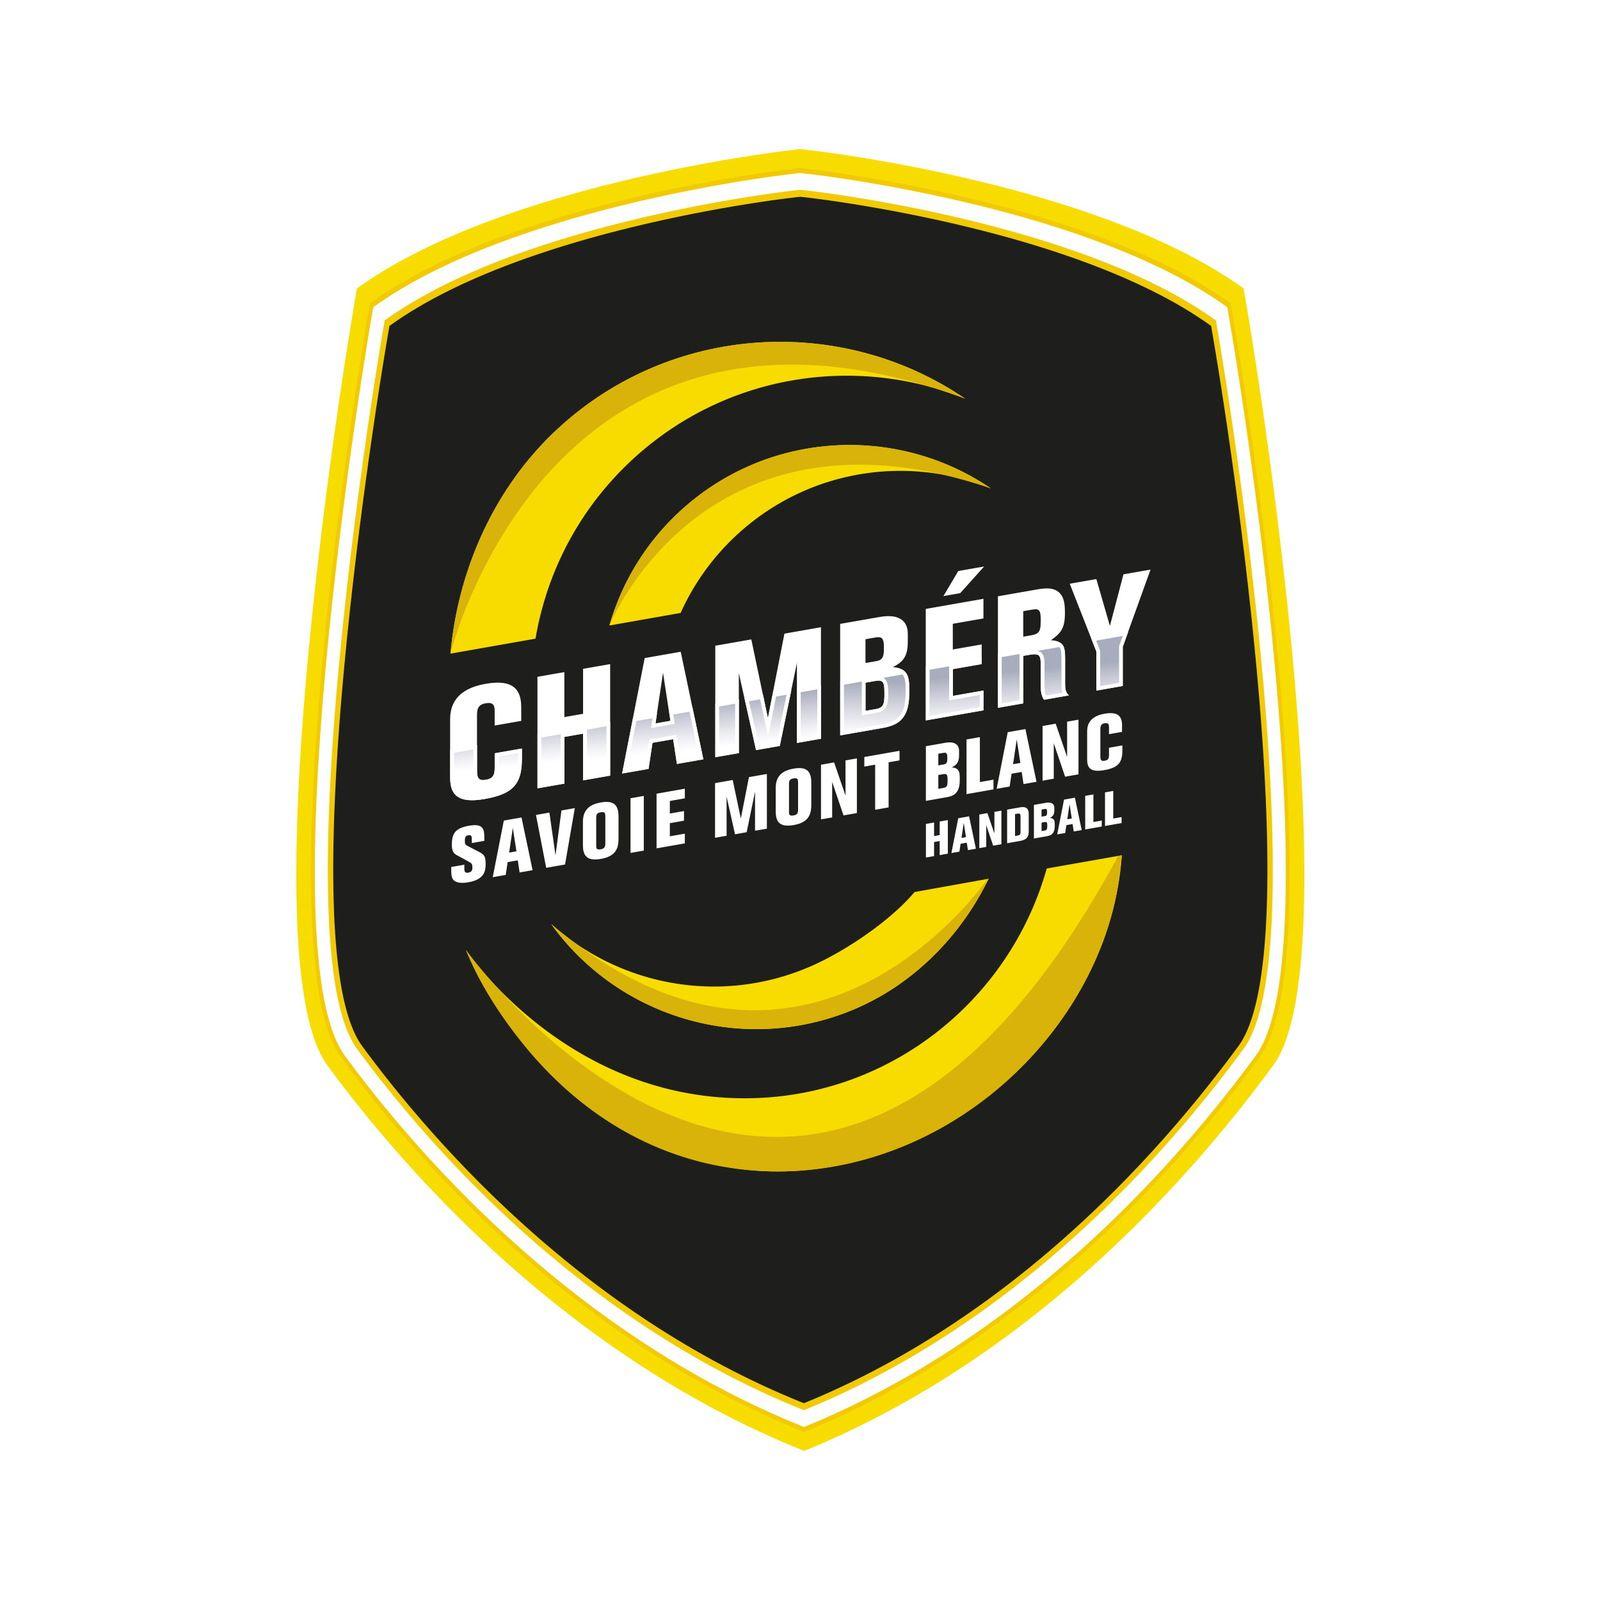 LSL CHAMBERY prend sa revanche sur le tapis vert contre AIX les photos du match.